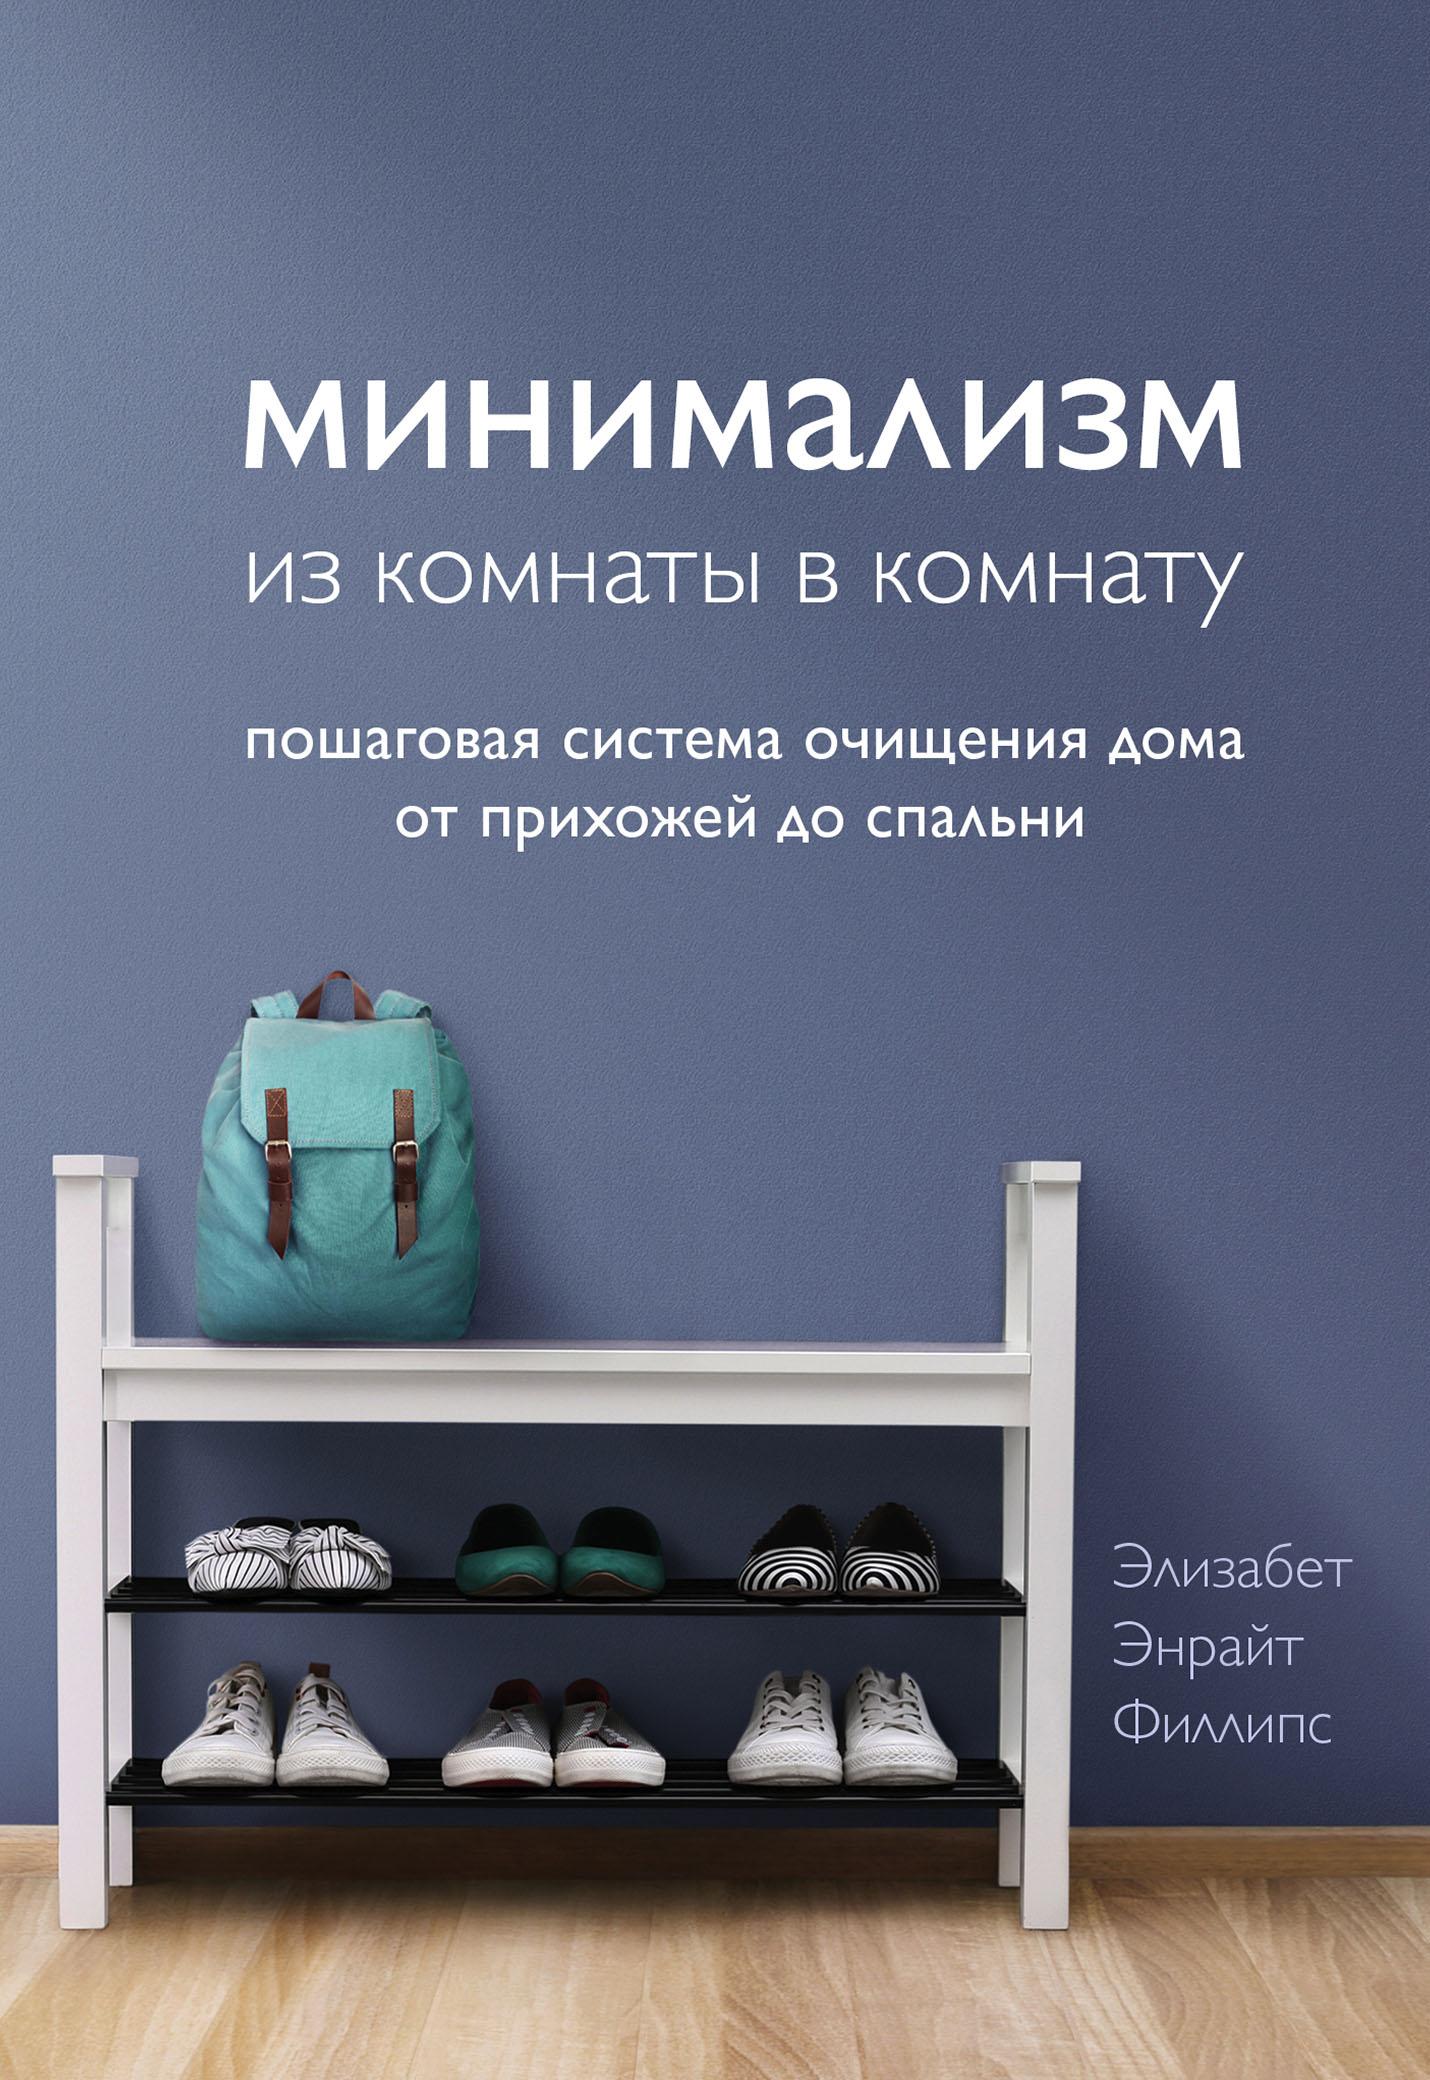 Купить книгу Минимализм из комнаты в комнату. Пошаговая система очищения дома от прихожей до спальни, автора Элизабет Энрайт Филлипс